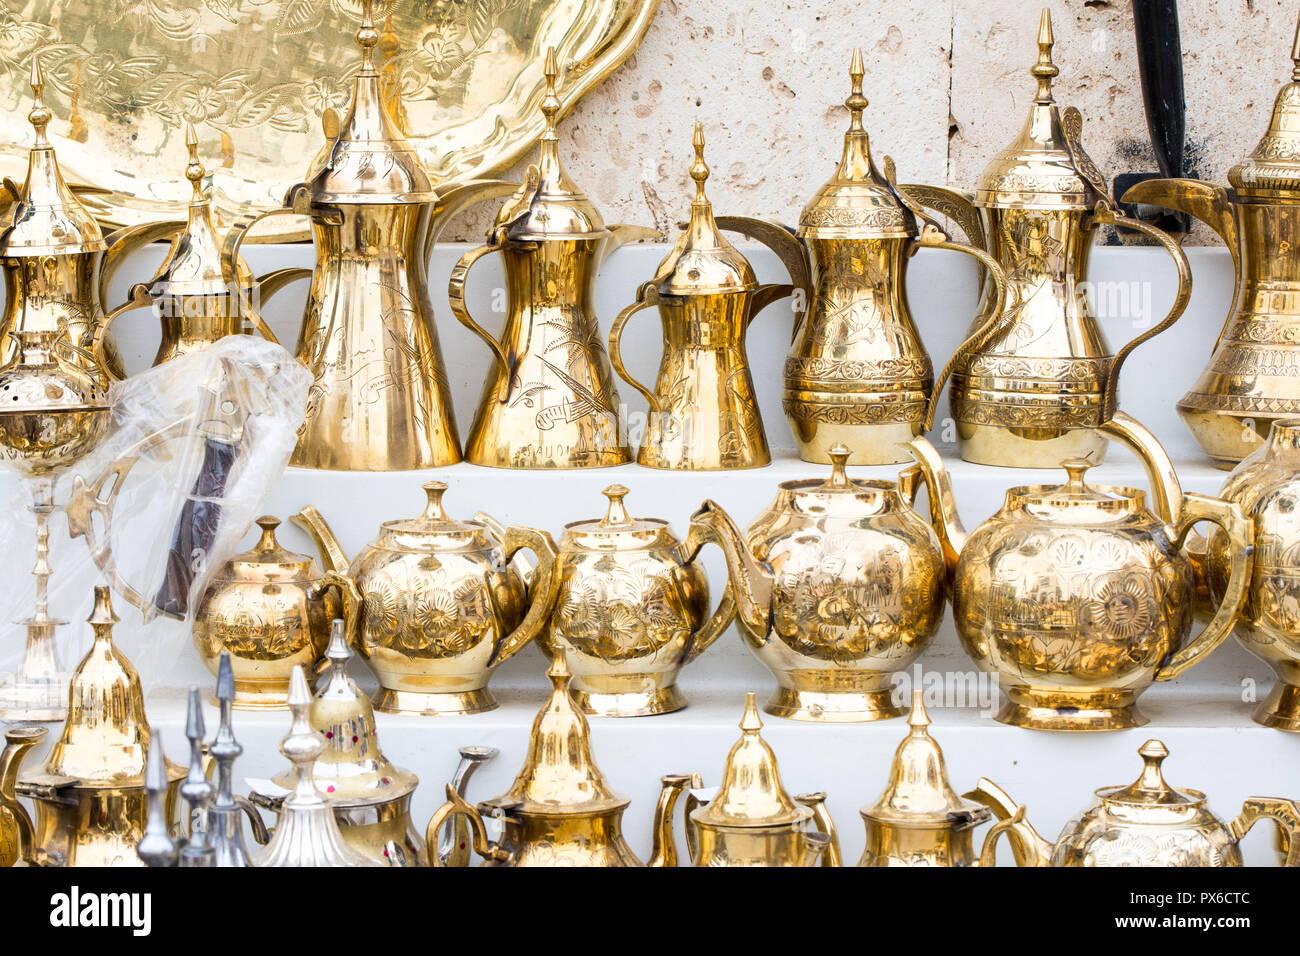 traditional brass utensils in Janadriyah festival essay in Saudi Arabia Stock Photo